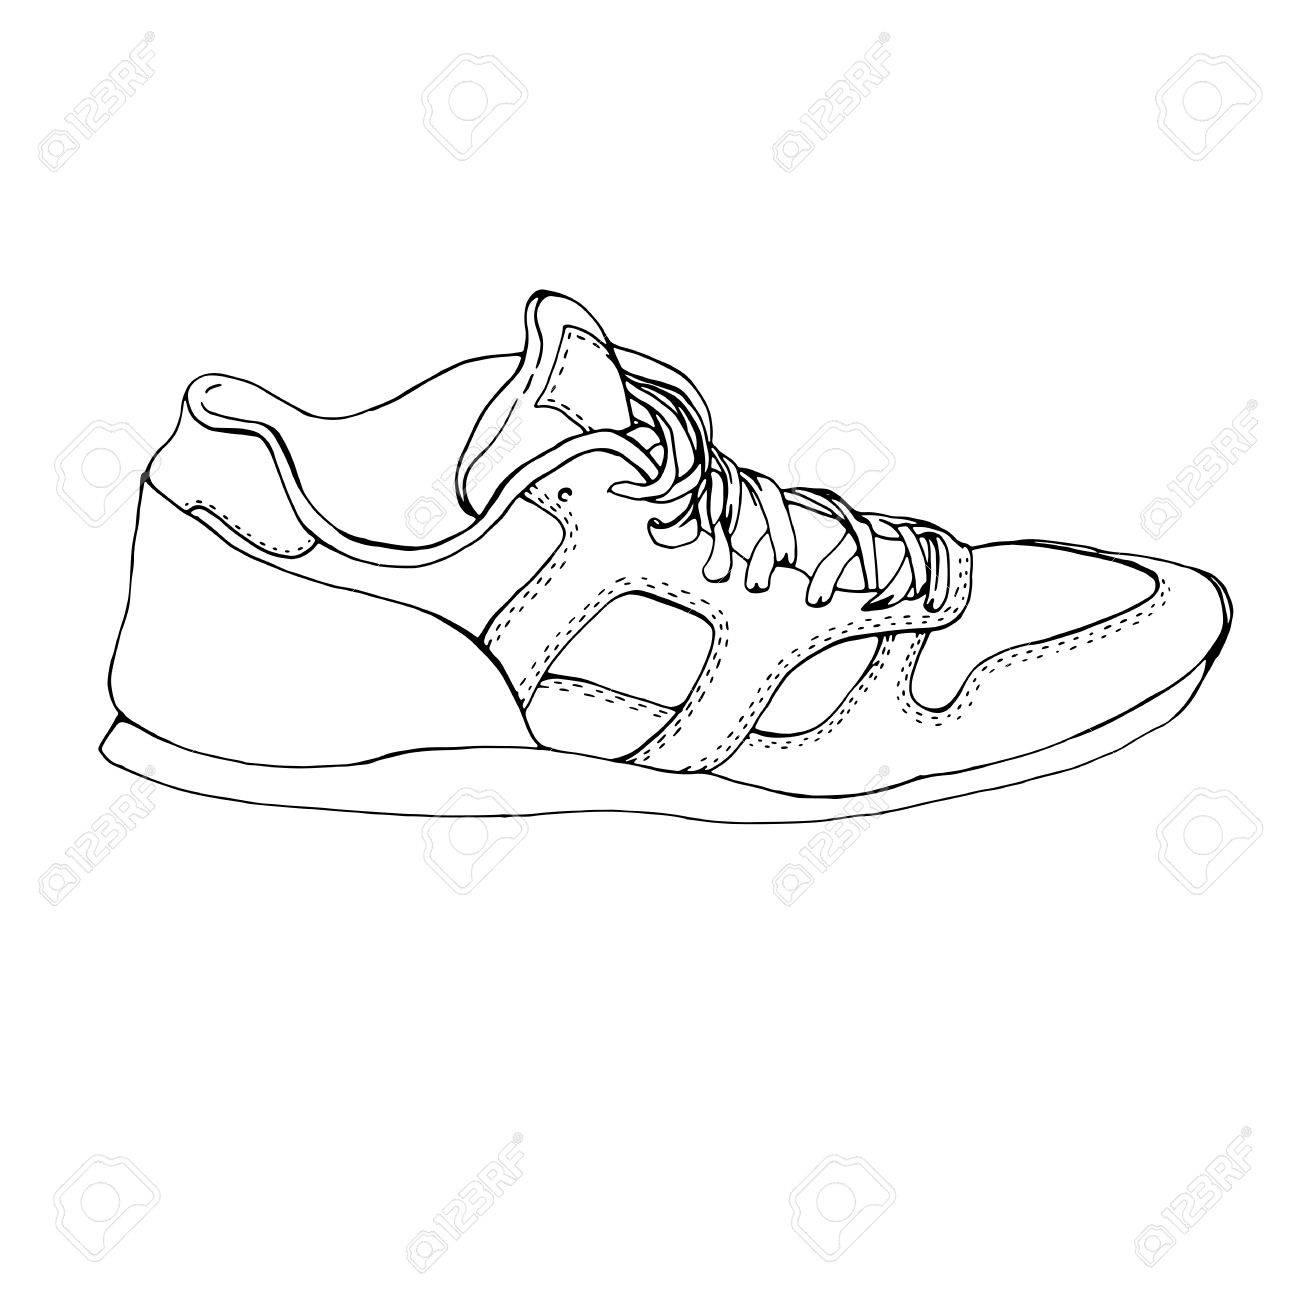 FormeVéritable Sneaker Des La De En Remise Dessin TempletOriginal À Baskets Chaussure MainSymbole SportIcôneSketch 0w8nkPNXO